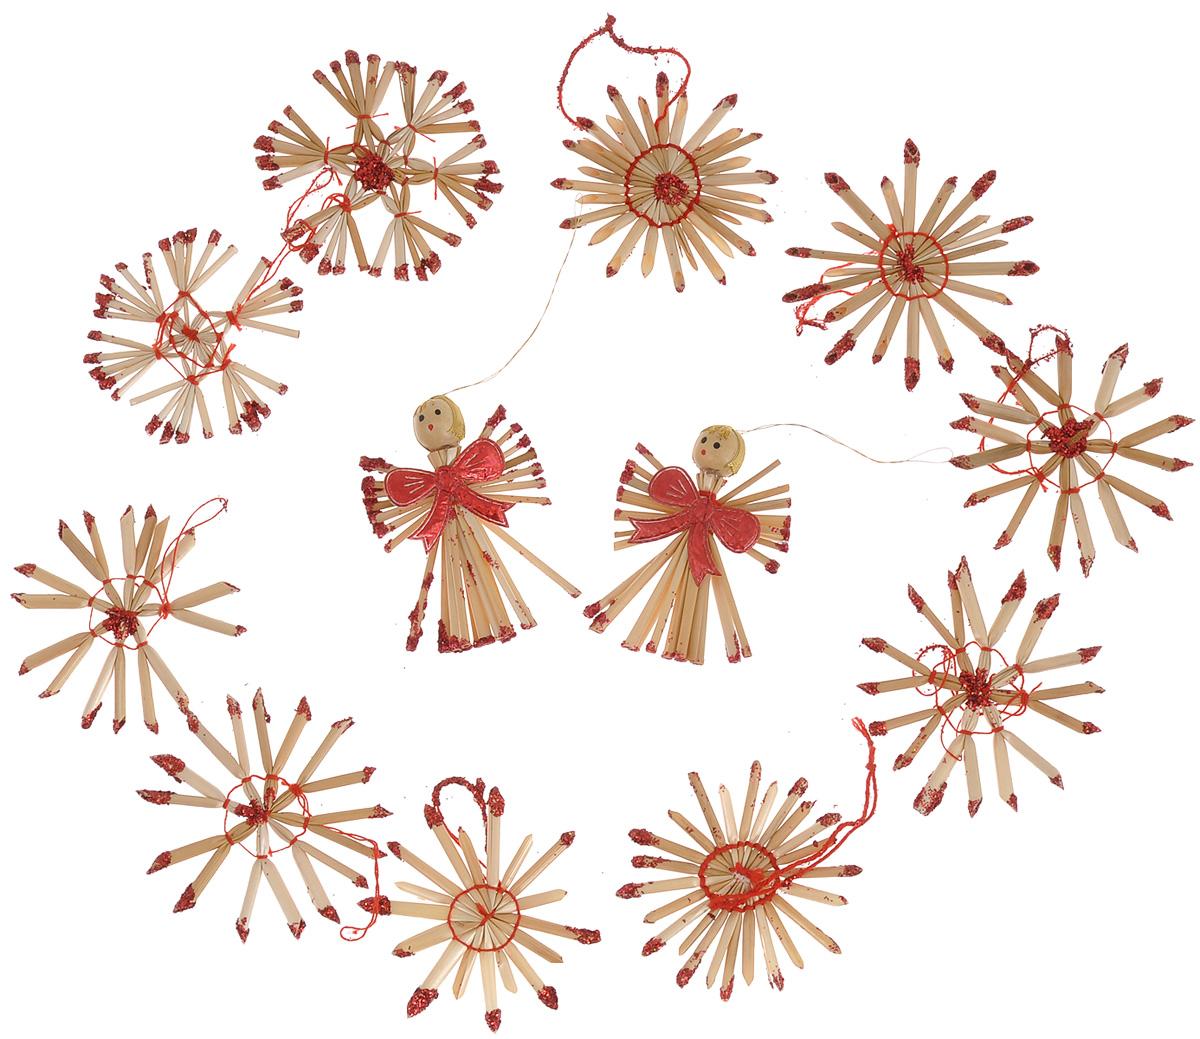 Набор новогодних подвесных украшений Феникс-презент Ангелы и звезды, цвет: красный, светло-коричневый, 12 шт38201Набор Феникс-презент Ангелы и звезды, состоящий из 12 новогодних подвесных украшений, отлично подойдет для декорации вашего дома и новогодней ели. Изделия выполнены из соломы в виде снежинок и ангелочков, оформленных блестками и бантиками. Украшения имеют специальные петельки для подвешивания. Коллекция декоративных украшений Феникс-презент Ангелы и звезды принесет в ваш дом ни с чем не сравнимое ощущение праздника! Средний размер украшения: 6 см х 6 см.